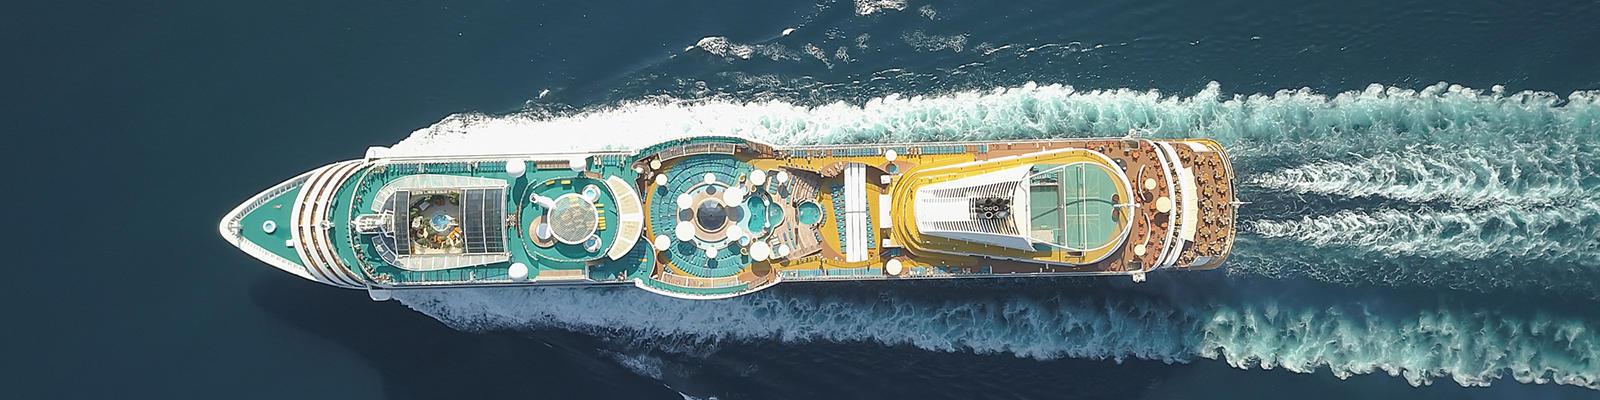 cruise ship aerial